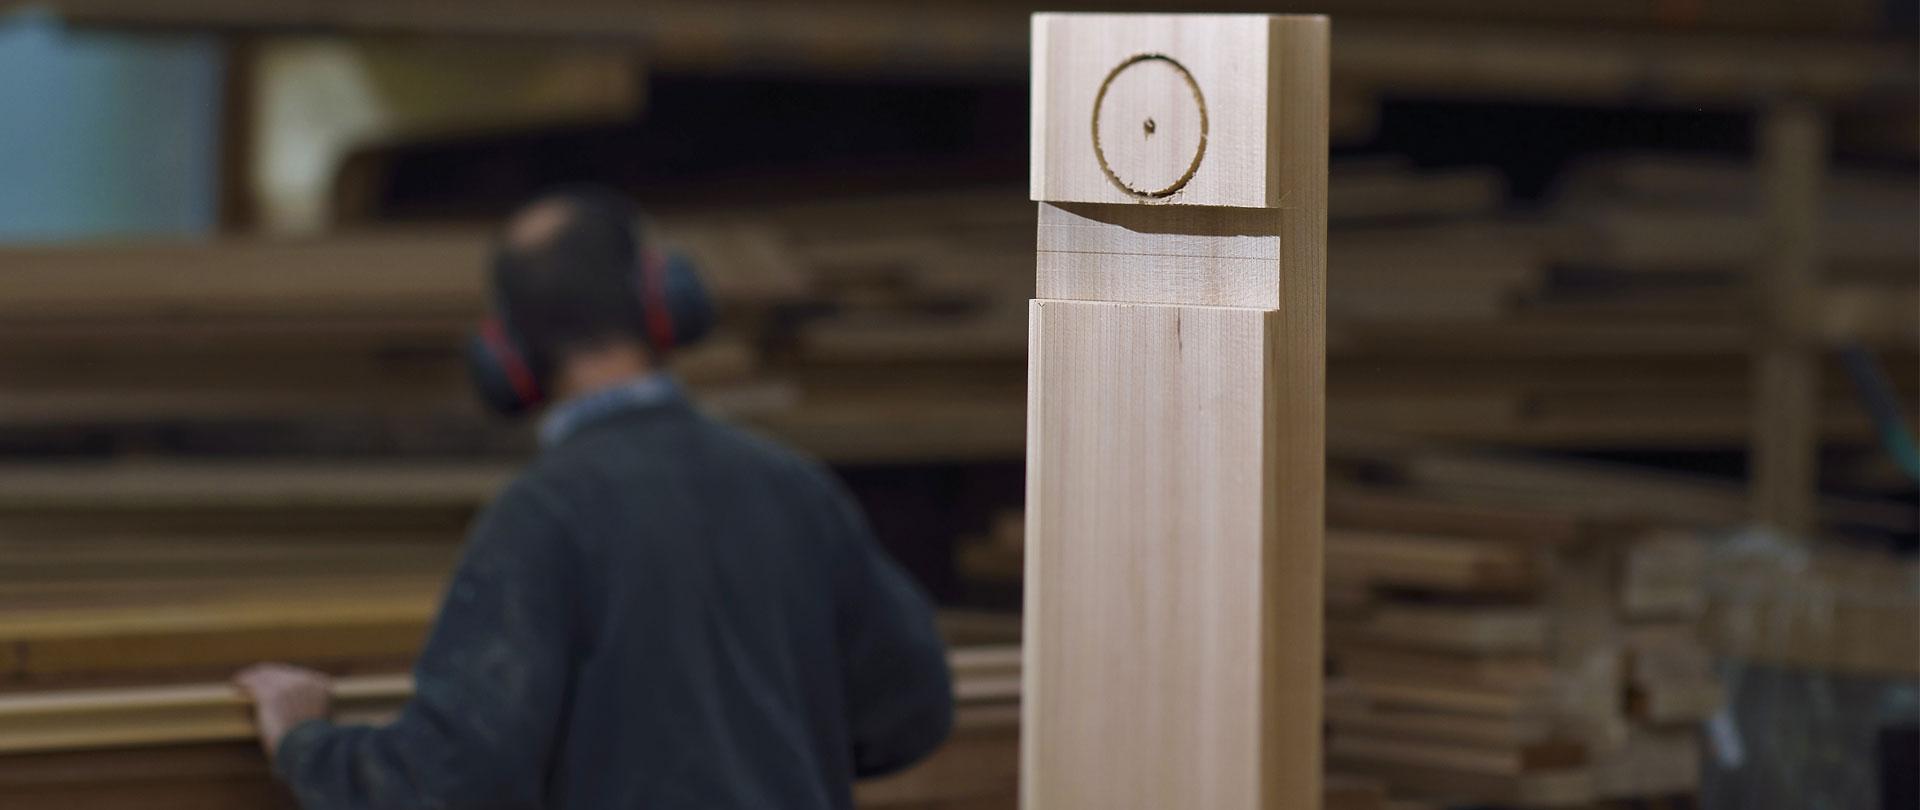 Atelier fabrication spa sauna bois Annecy